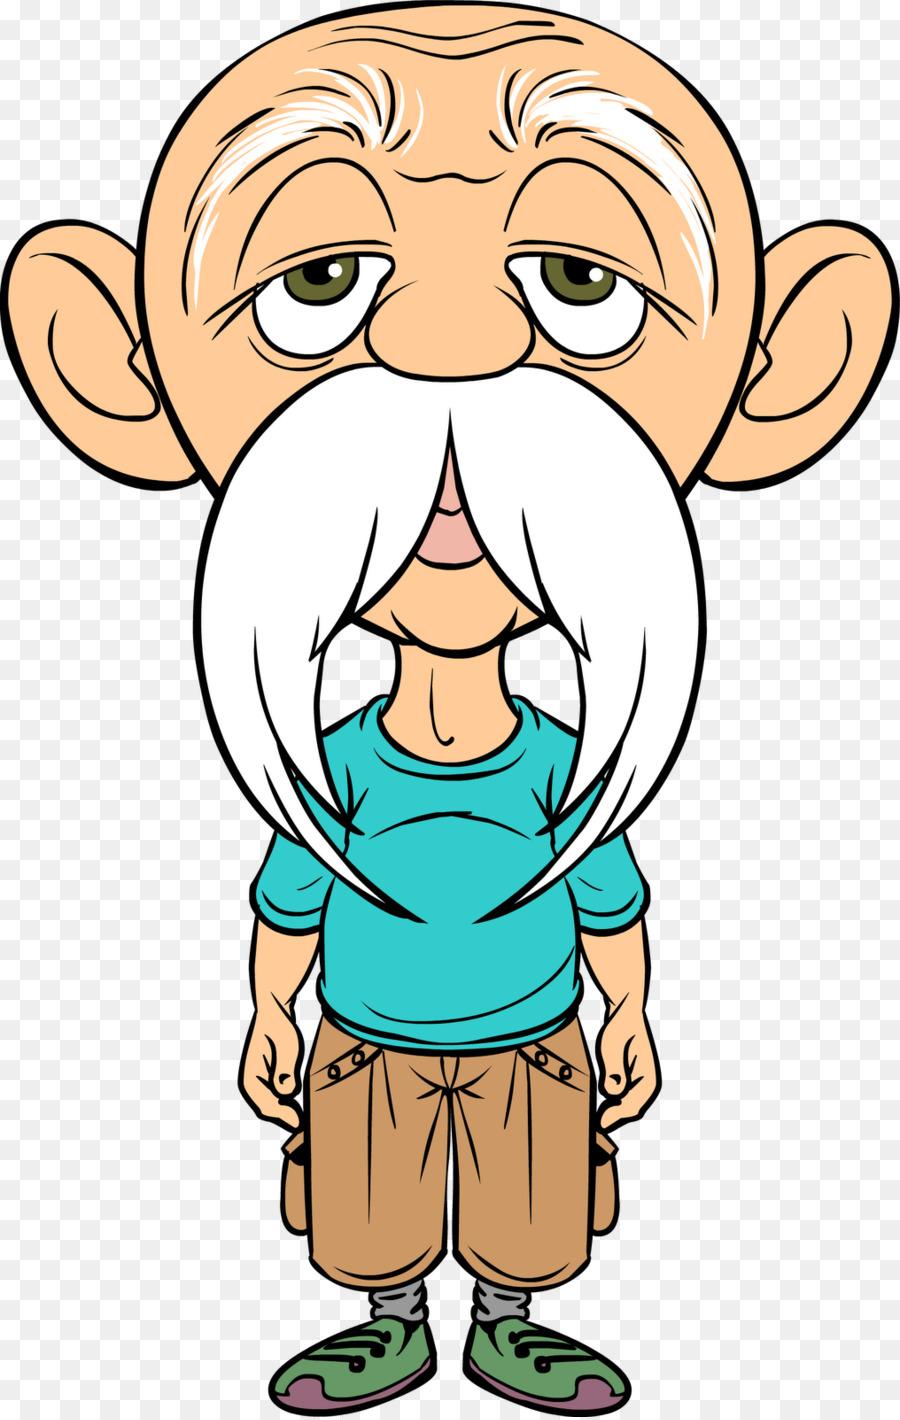 Descarga gratuita de De Dibujos Animados, Hombre, Dibujo imágenes PNG